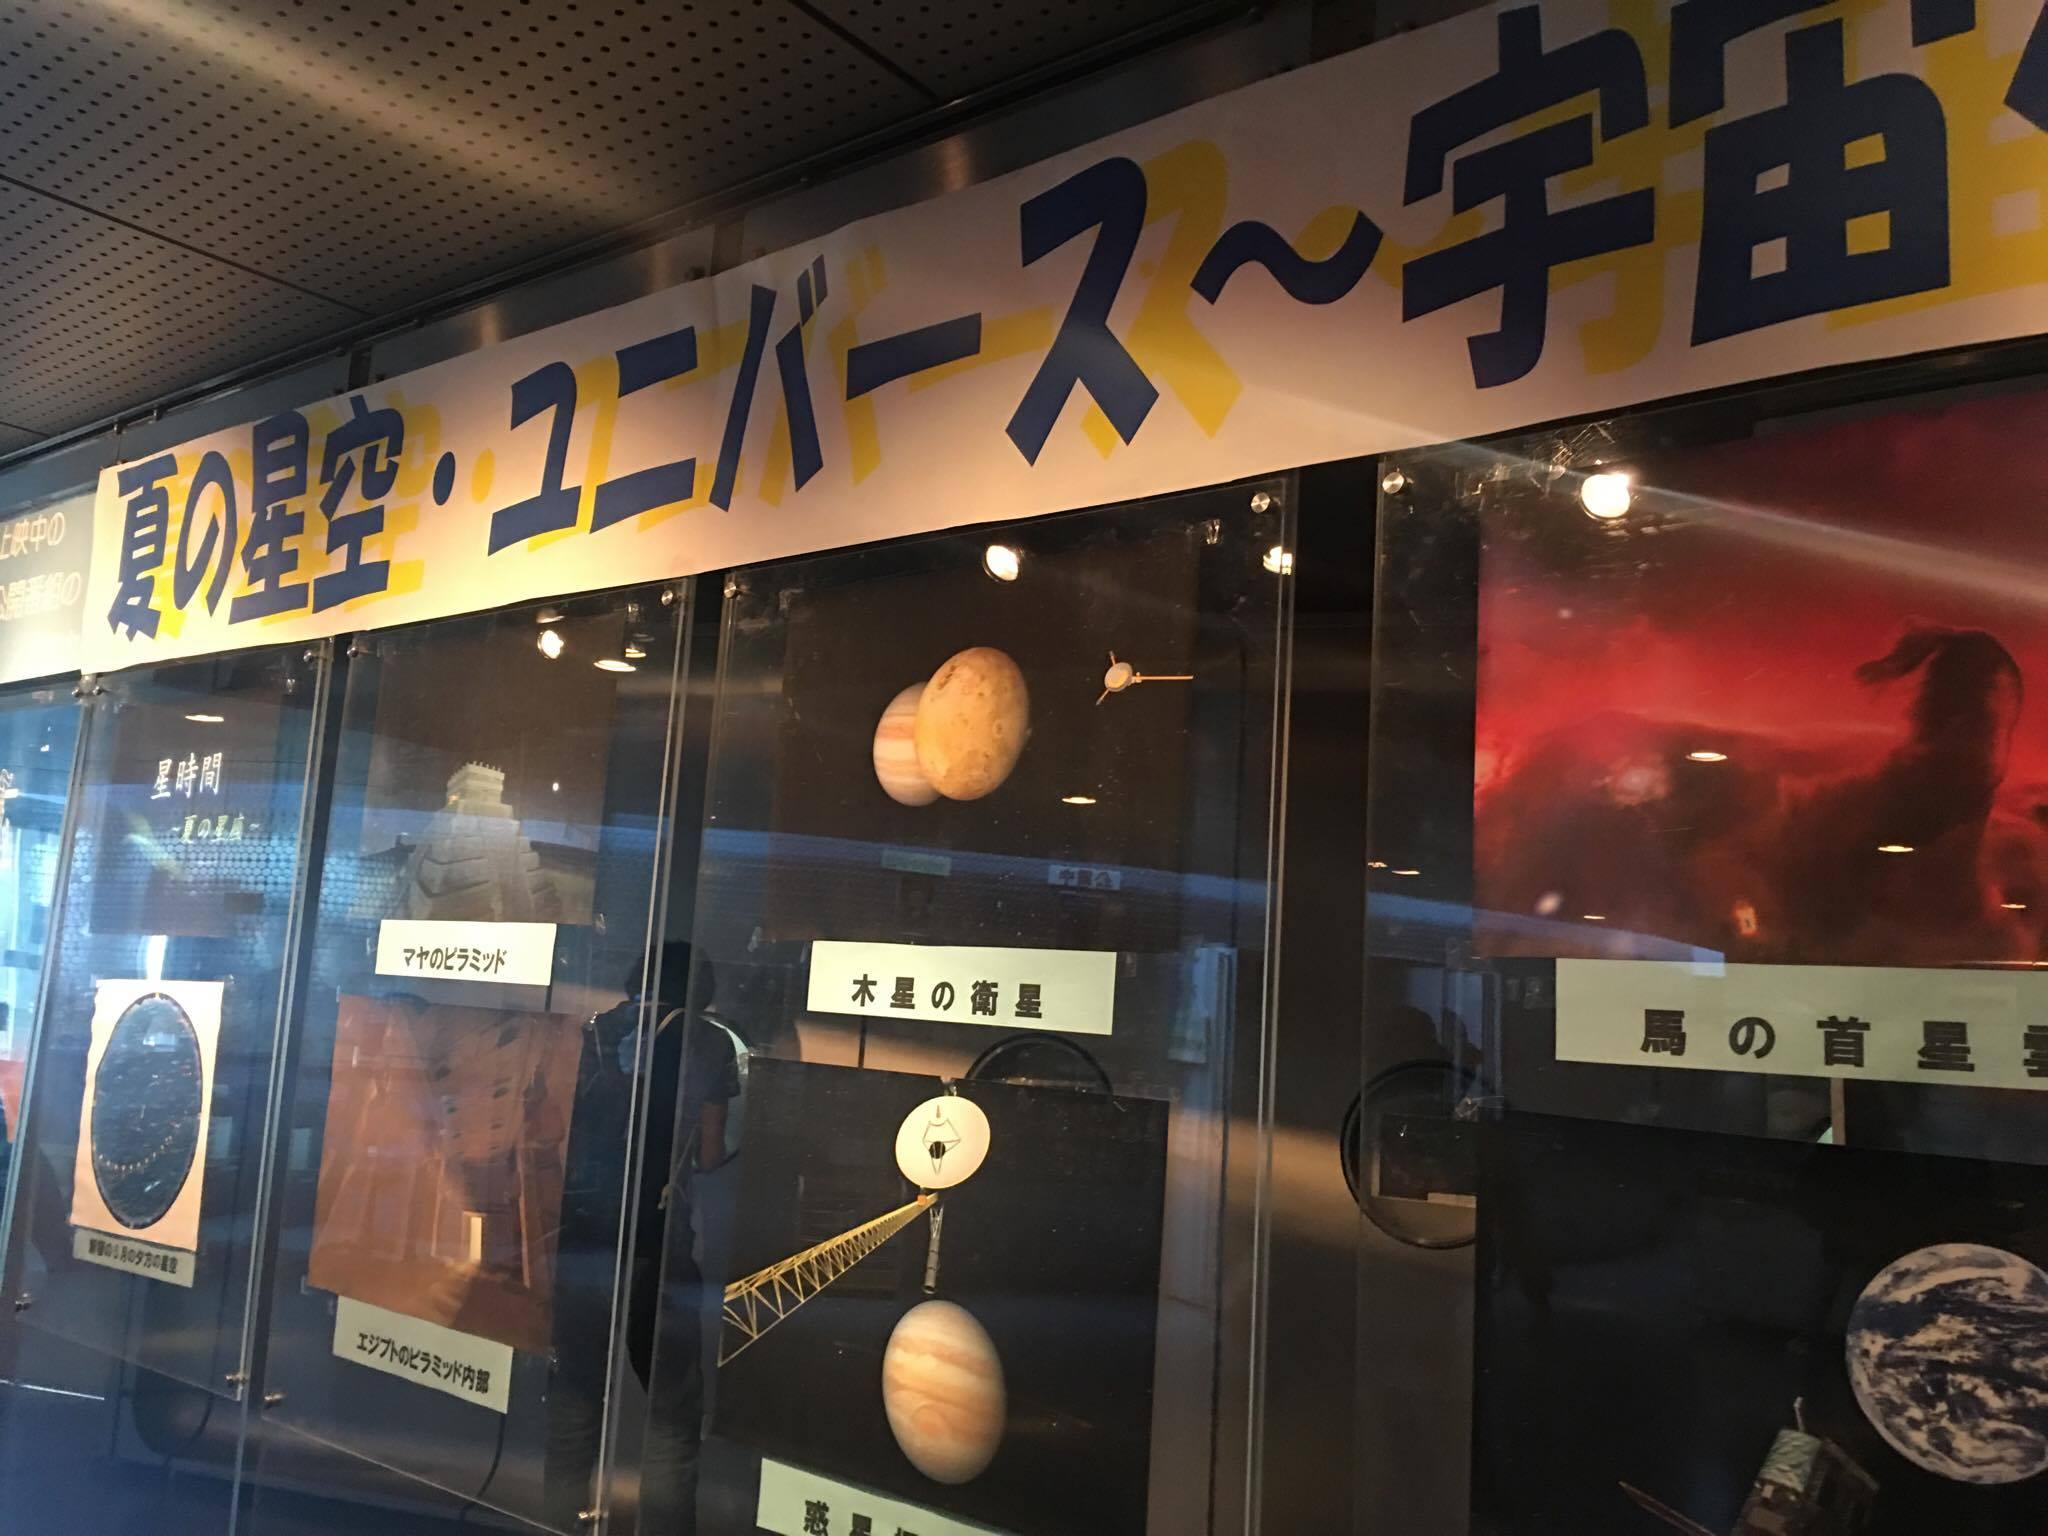 新宿のプラネタリウム2